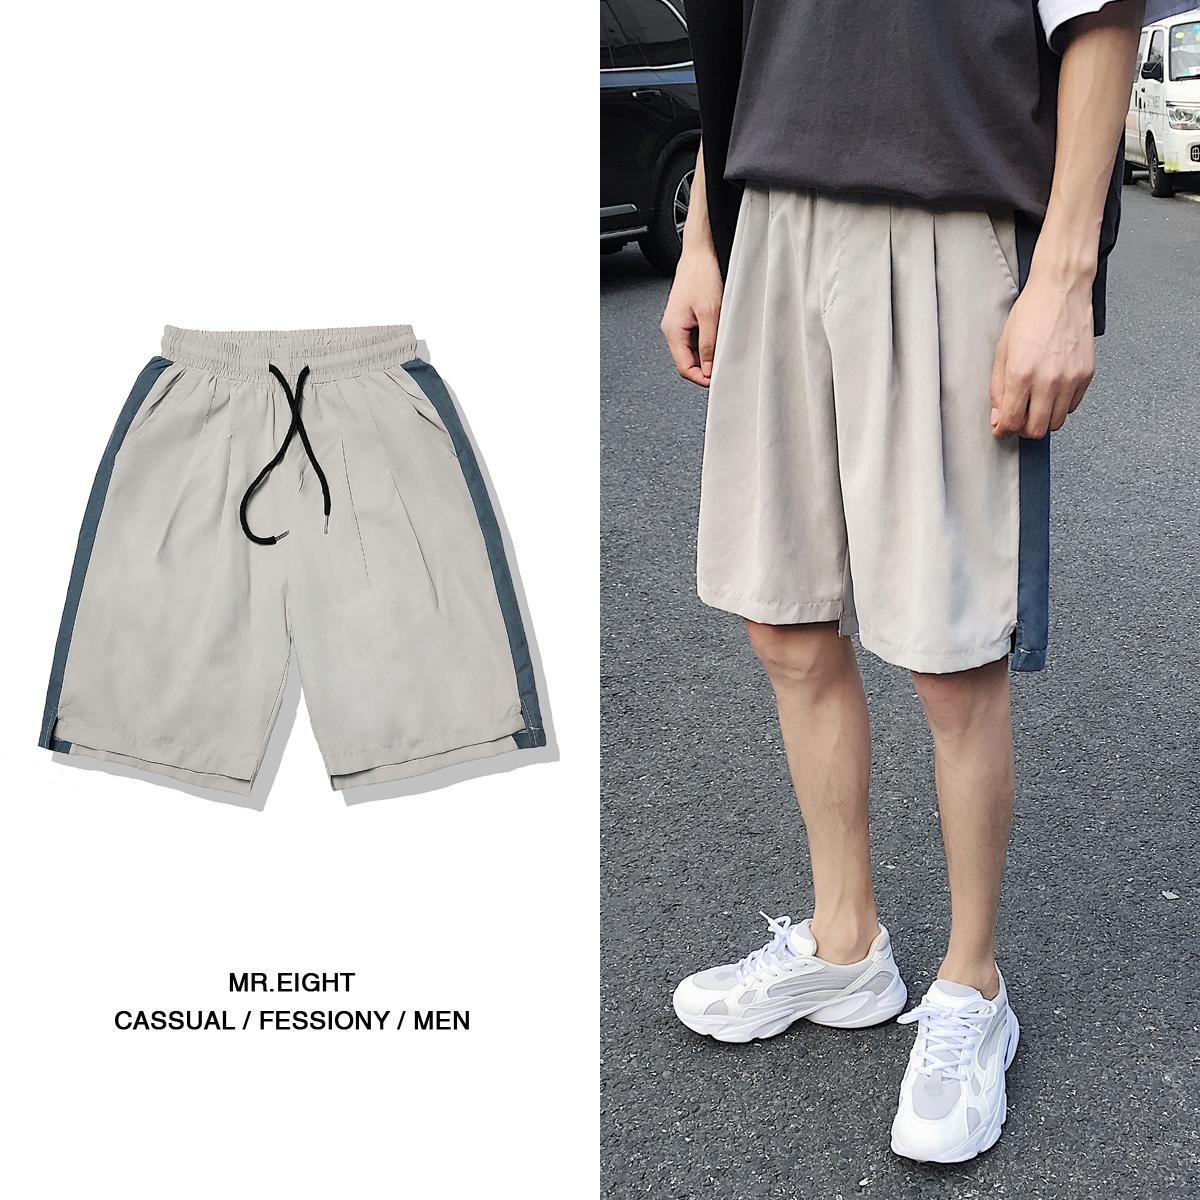 夏装新款 薄款 桃皮绒撞色休闲短裤 DK717-P25